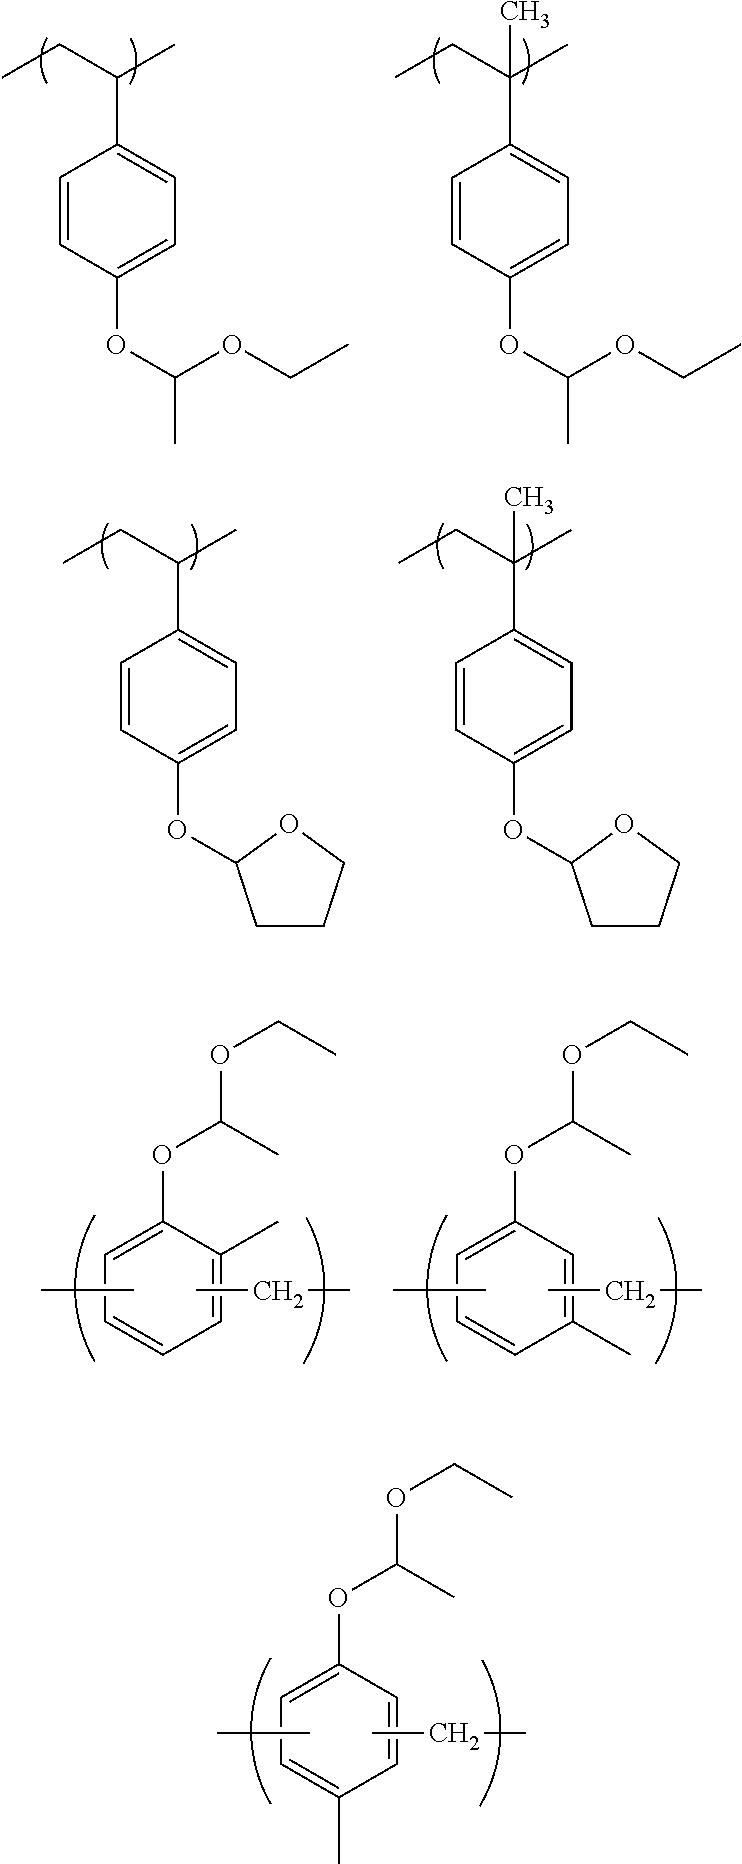 Figure US20150219993A1-20150806-C00008